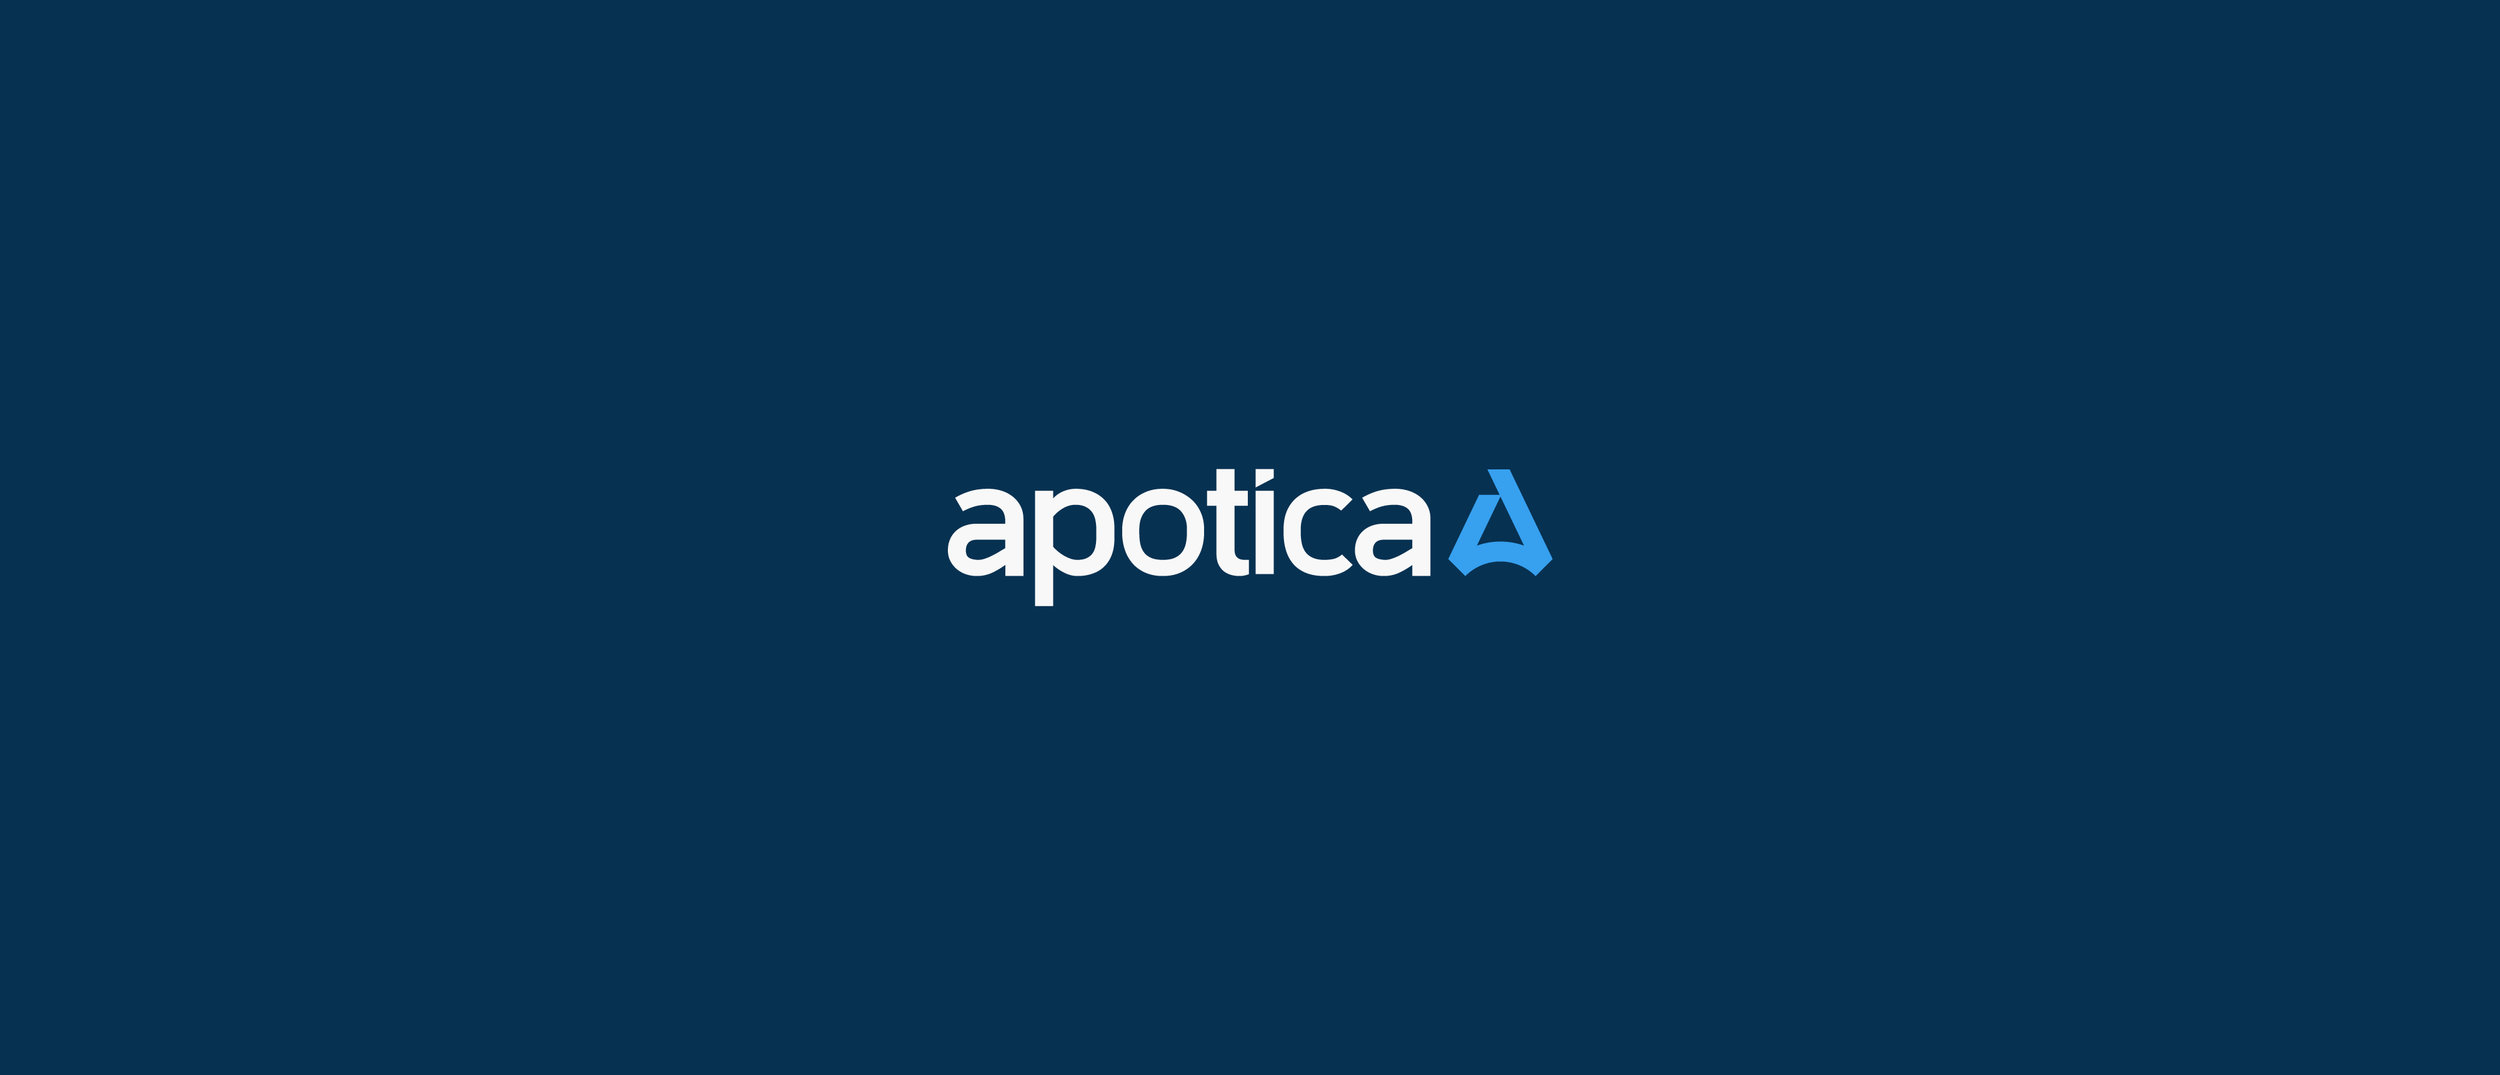 Apotica | IT Company | 2017